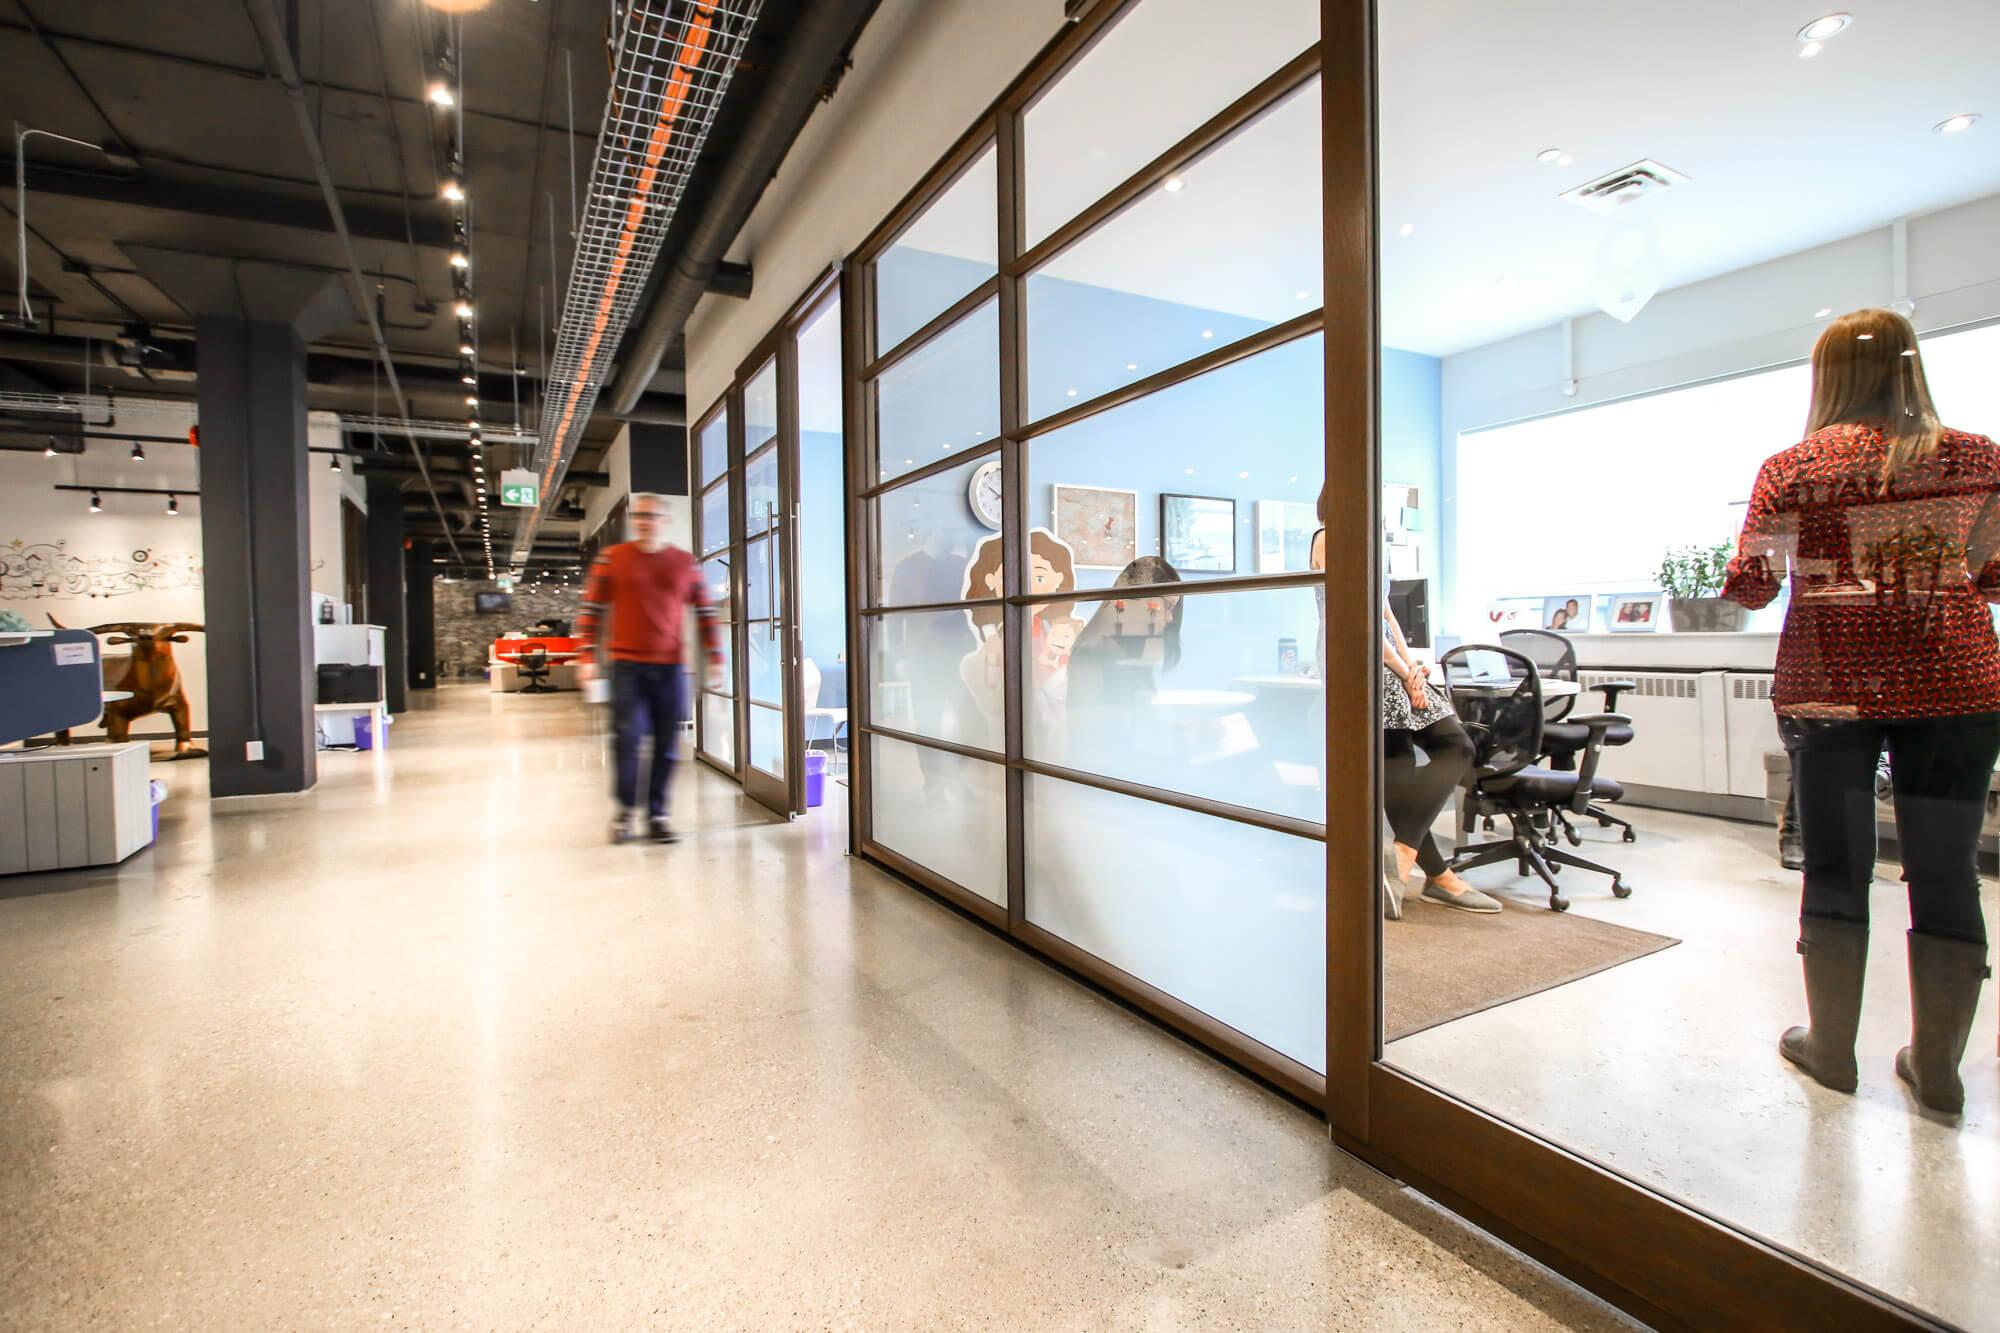 Varagesale Office Killer Spaces-2